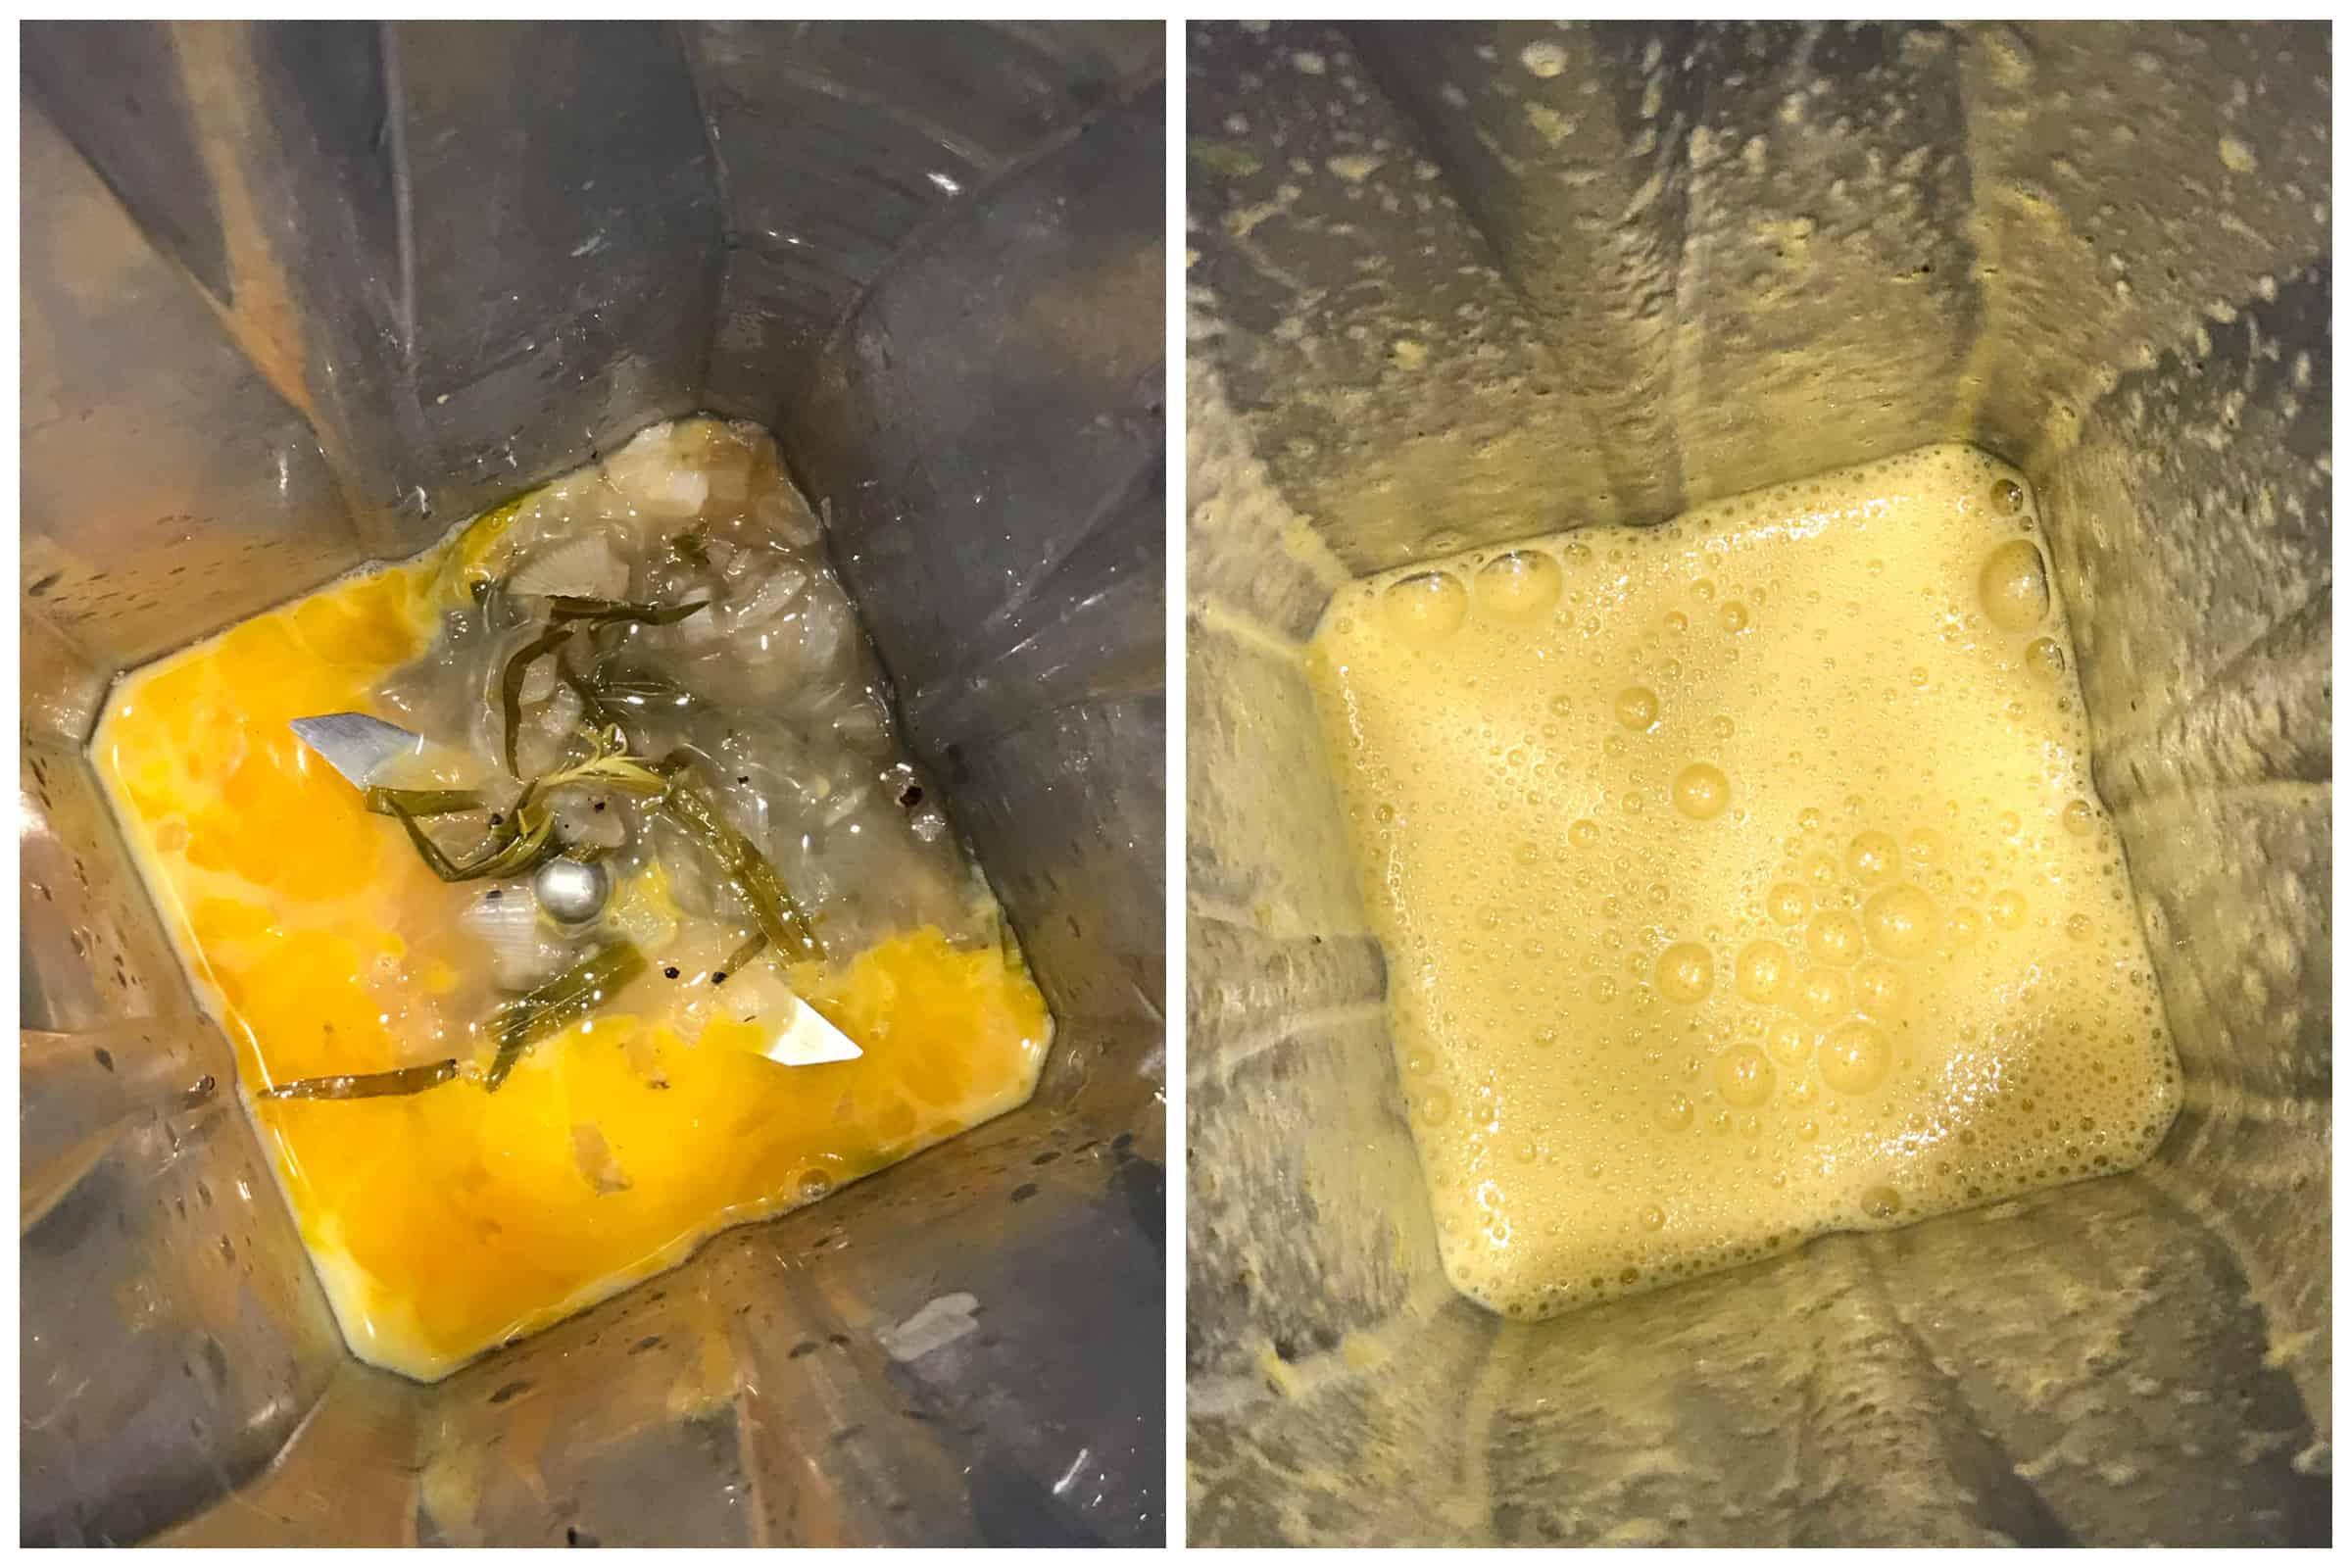 blending egg yolk mixture in blender